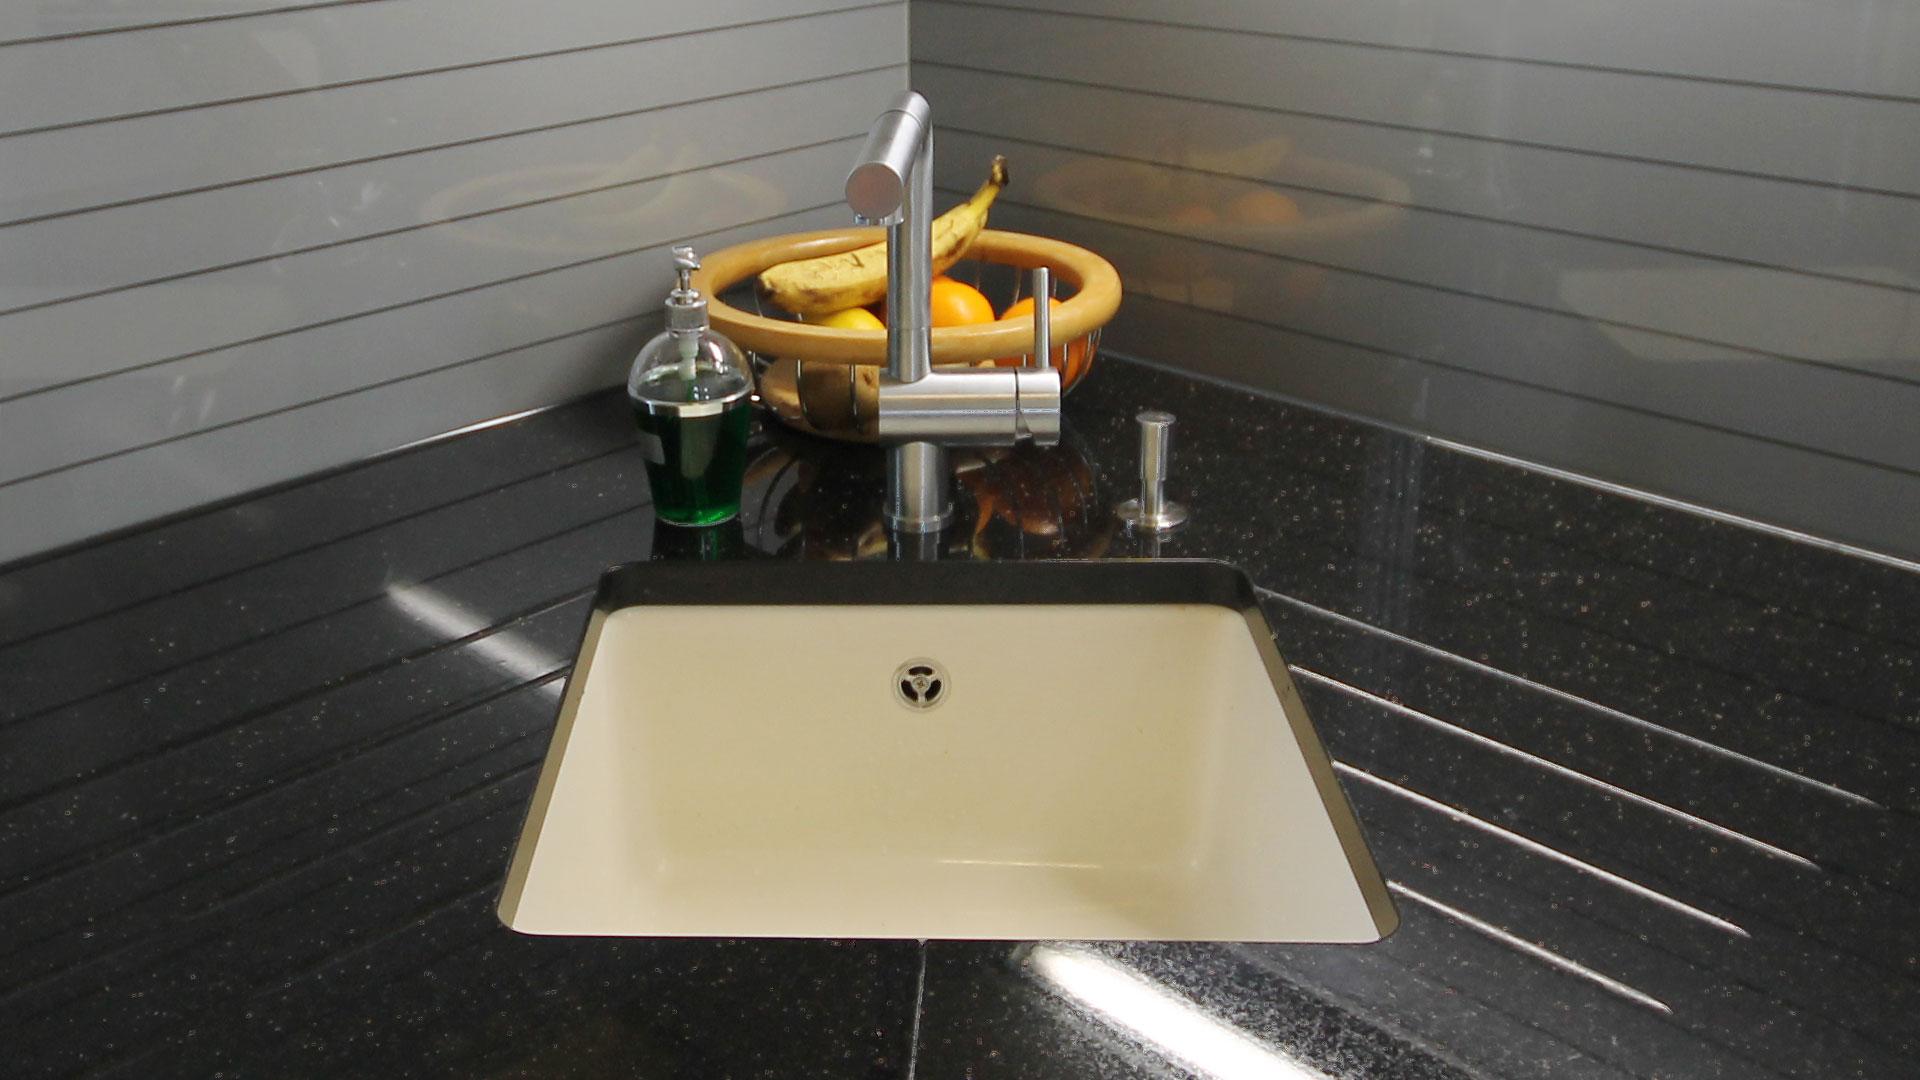 projekt 2013 01 butter k chenstudio dresden. Black Bedroom Furniture Sets. Home Design Ideas